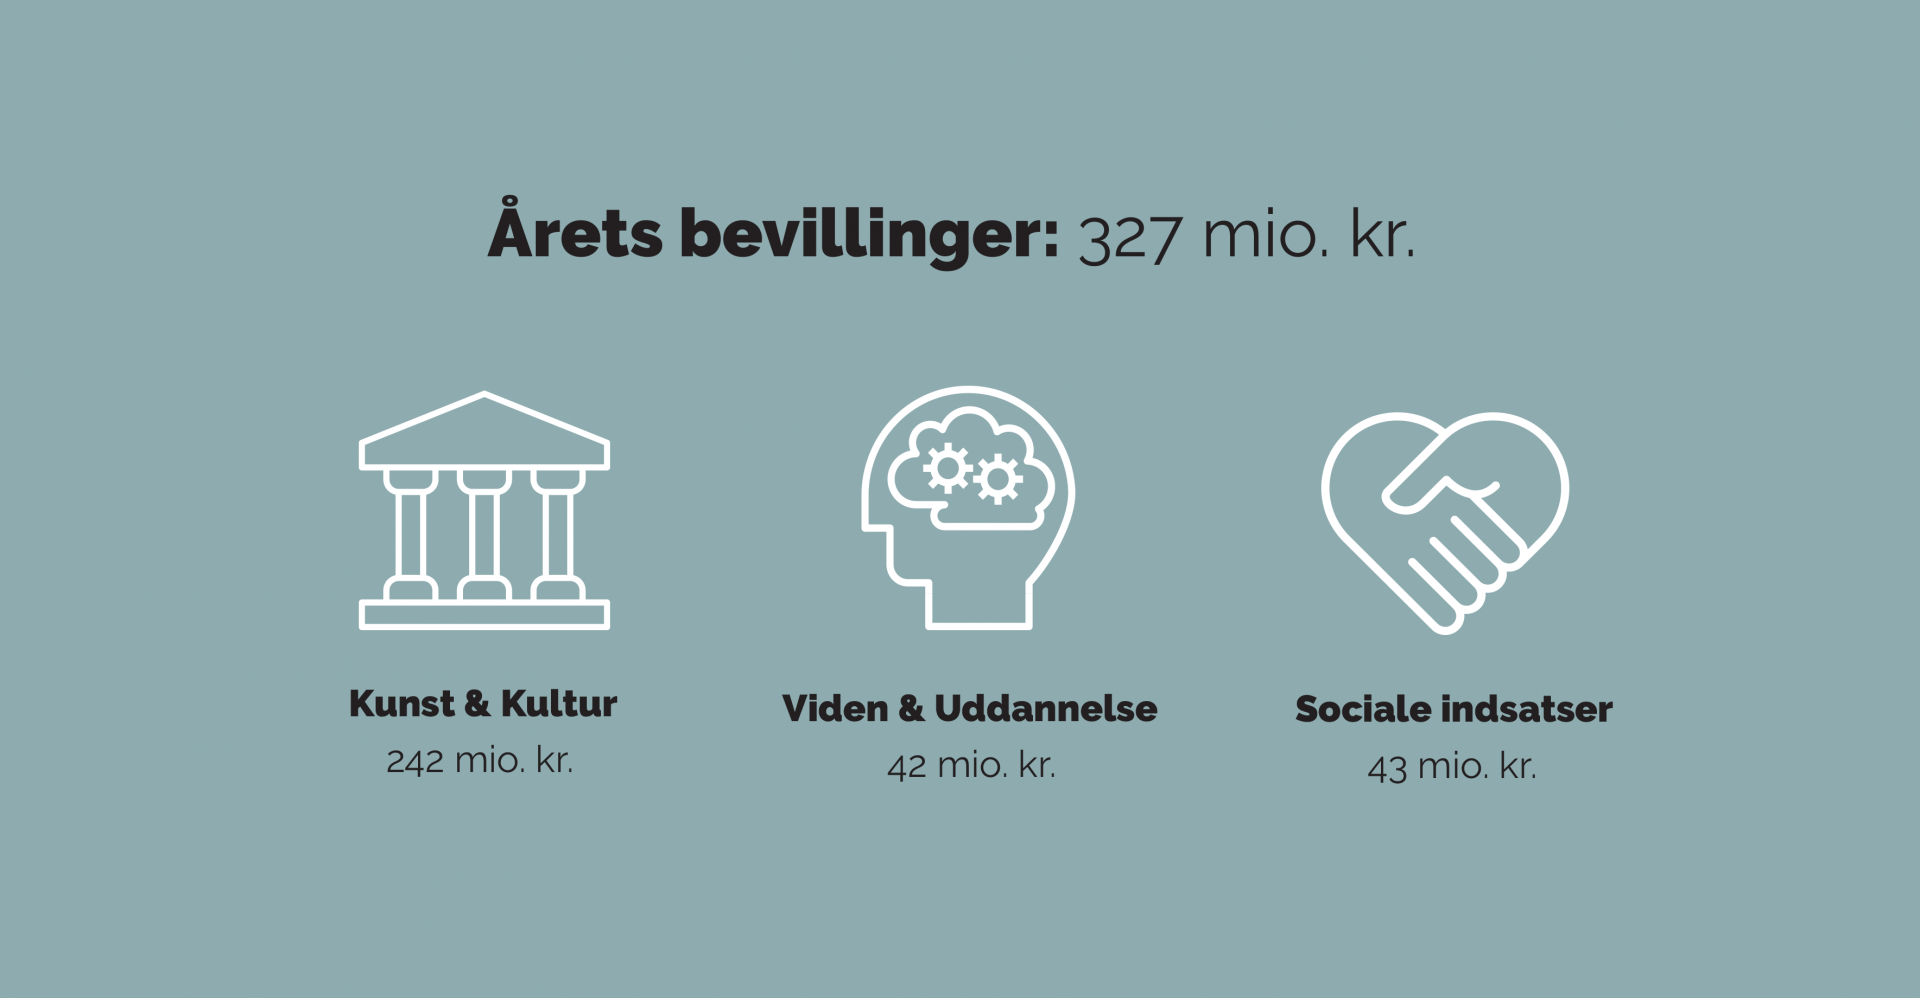 https://augustinusfonden.dk/wp-content/uploads/2021/03/uddelinger-3_1920x998_acf_cropped.png